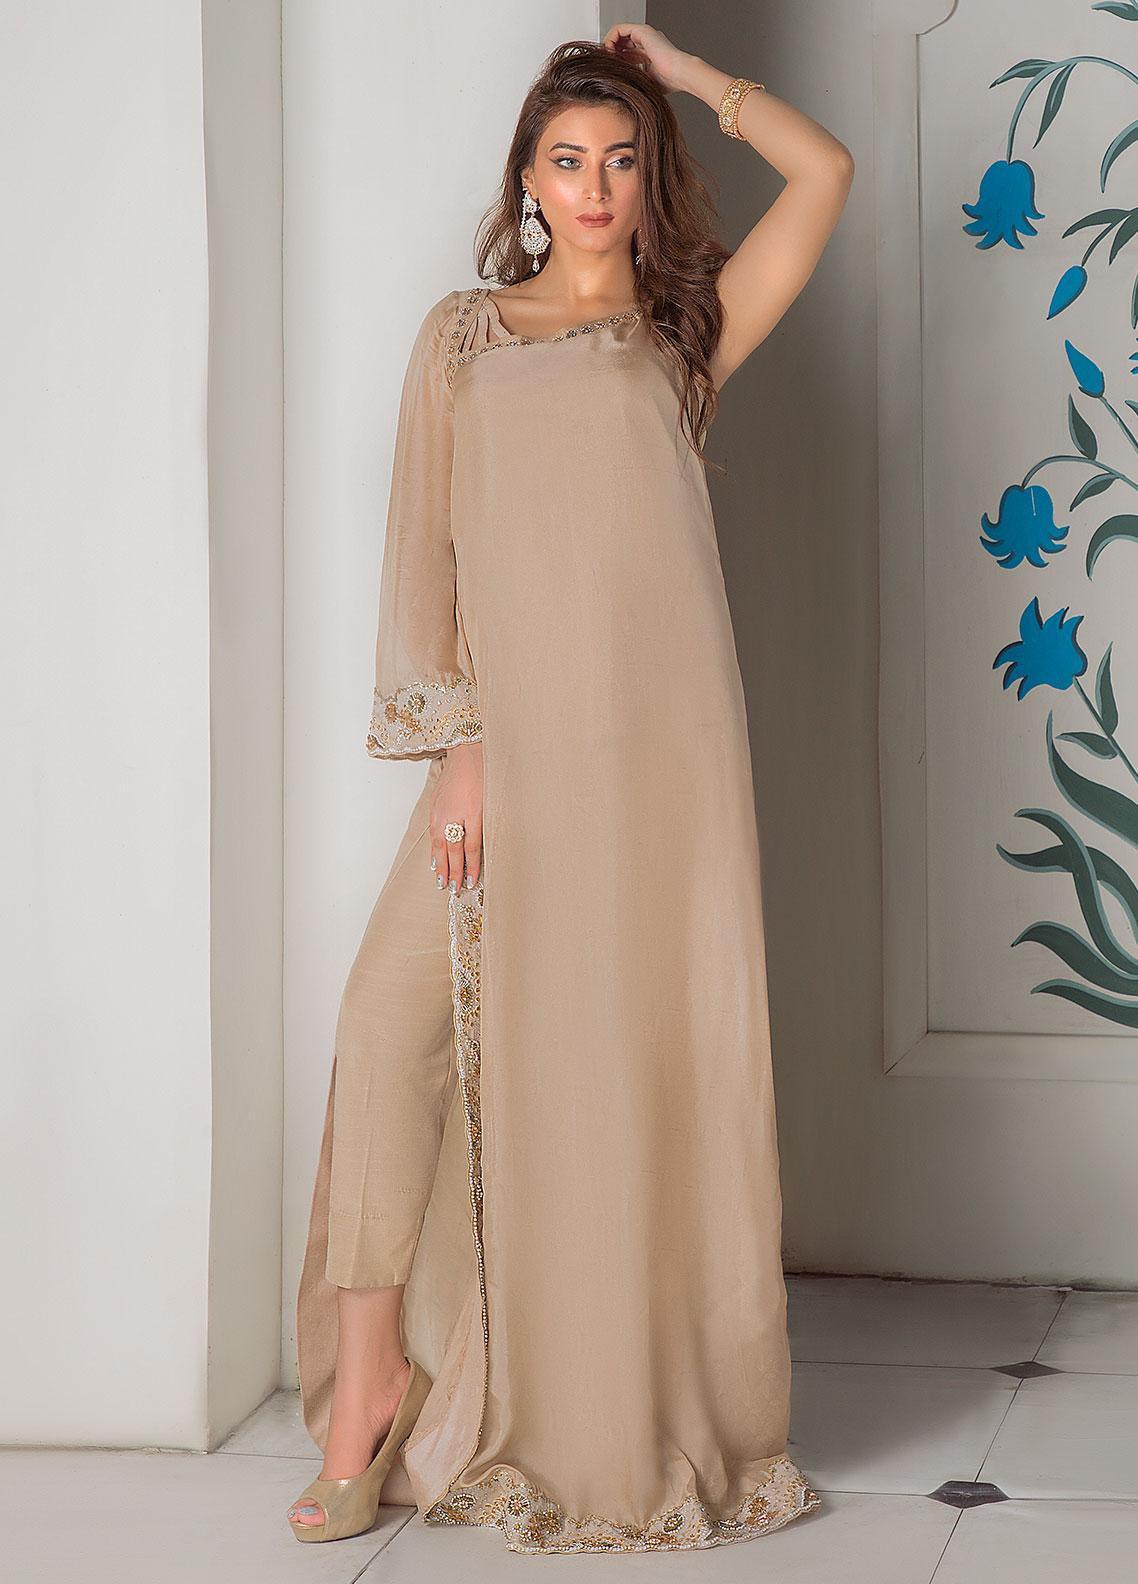 Surmai Luxury Pret Embroidered Grip 2 Piece Dress SLP-08